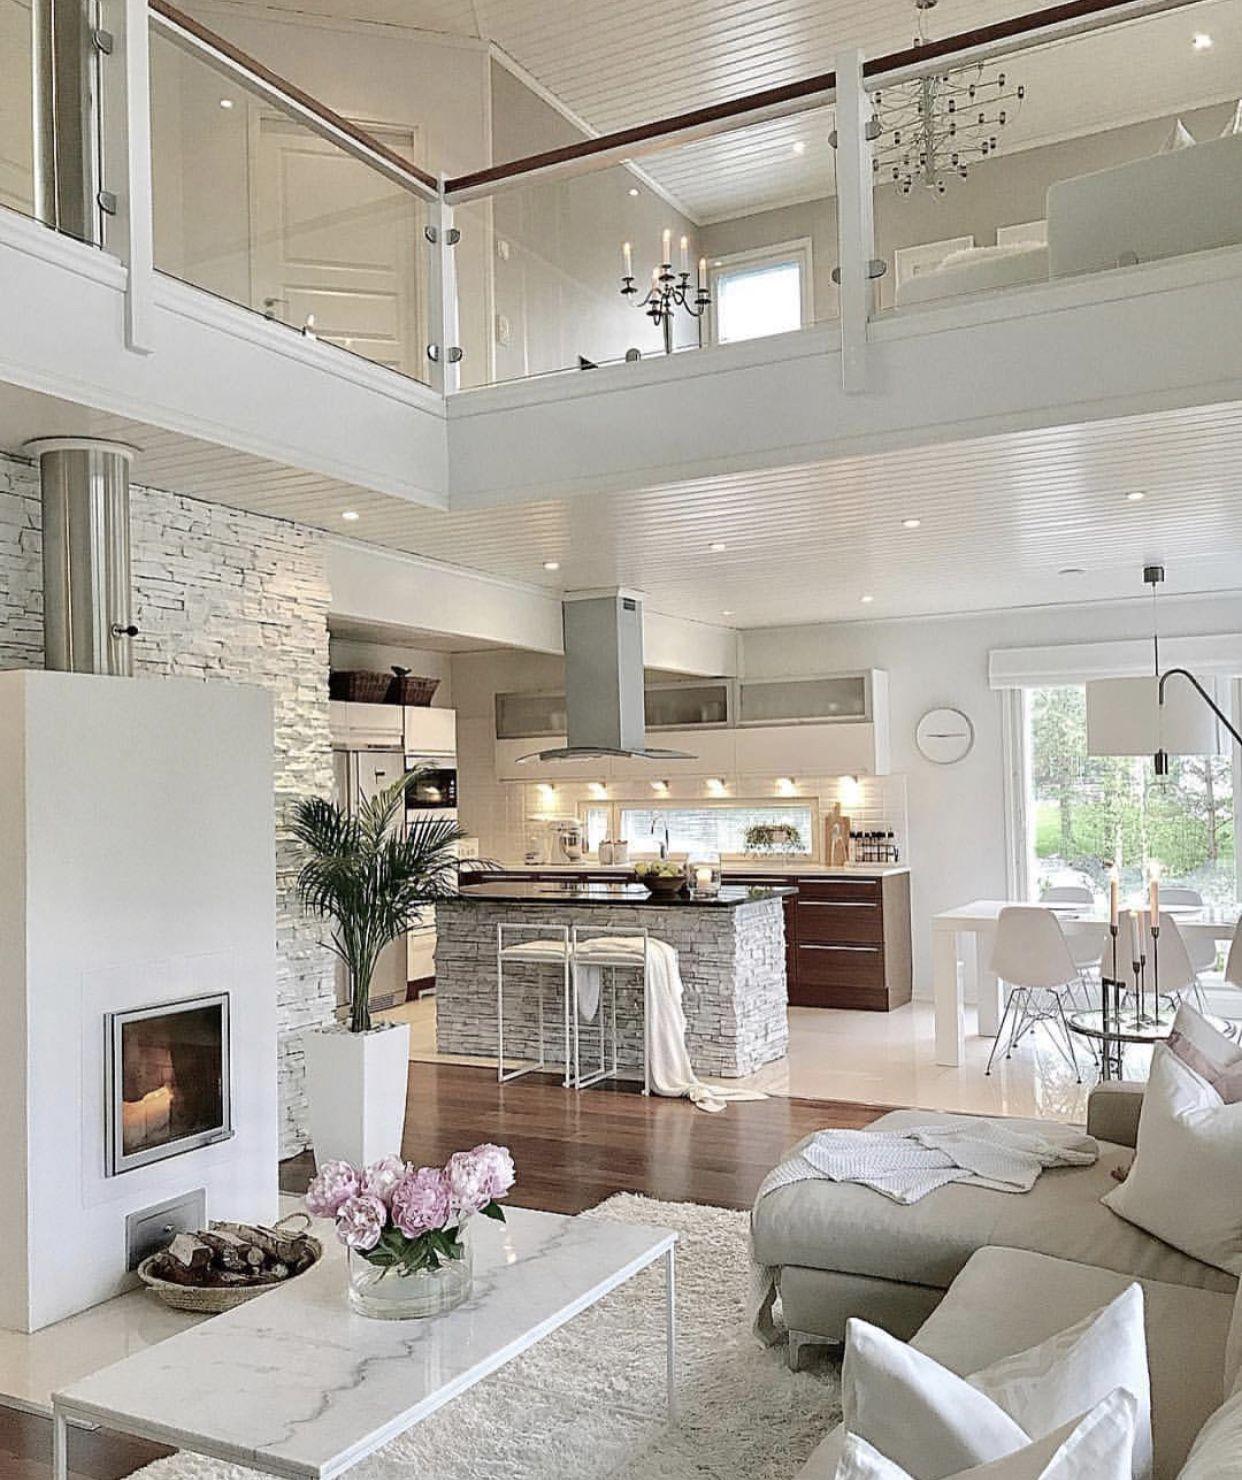 Visualizza altre idee su case da sogno, case, architettura. Pin By Sezo On Casas Dream House Interior Home Interior Design Modern House Design